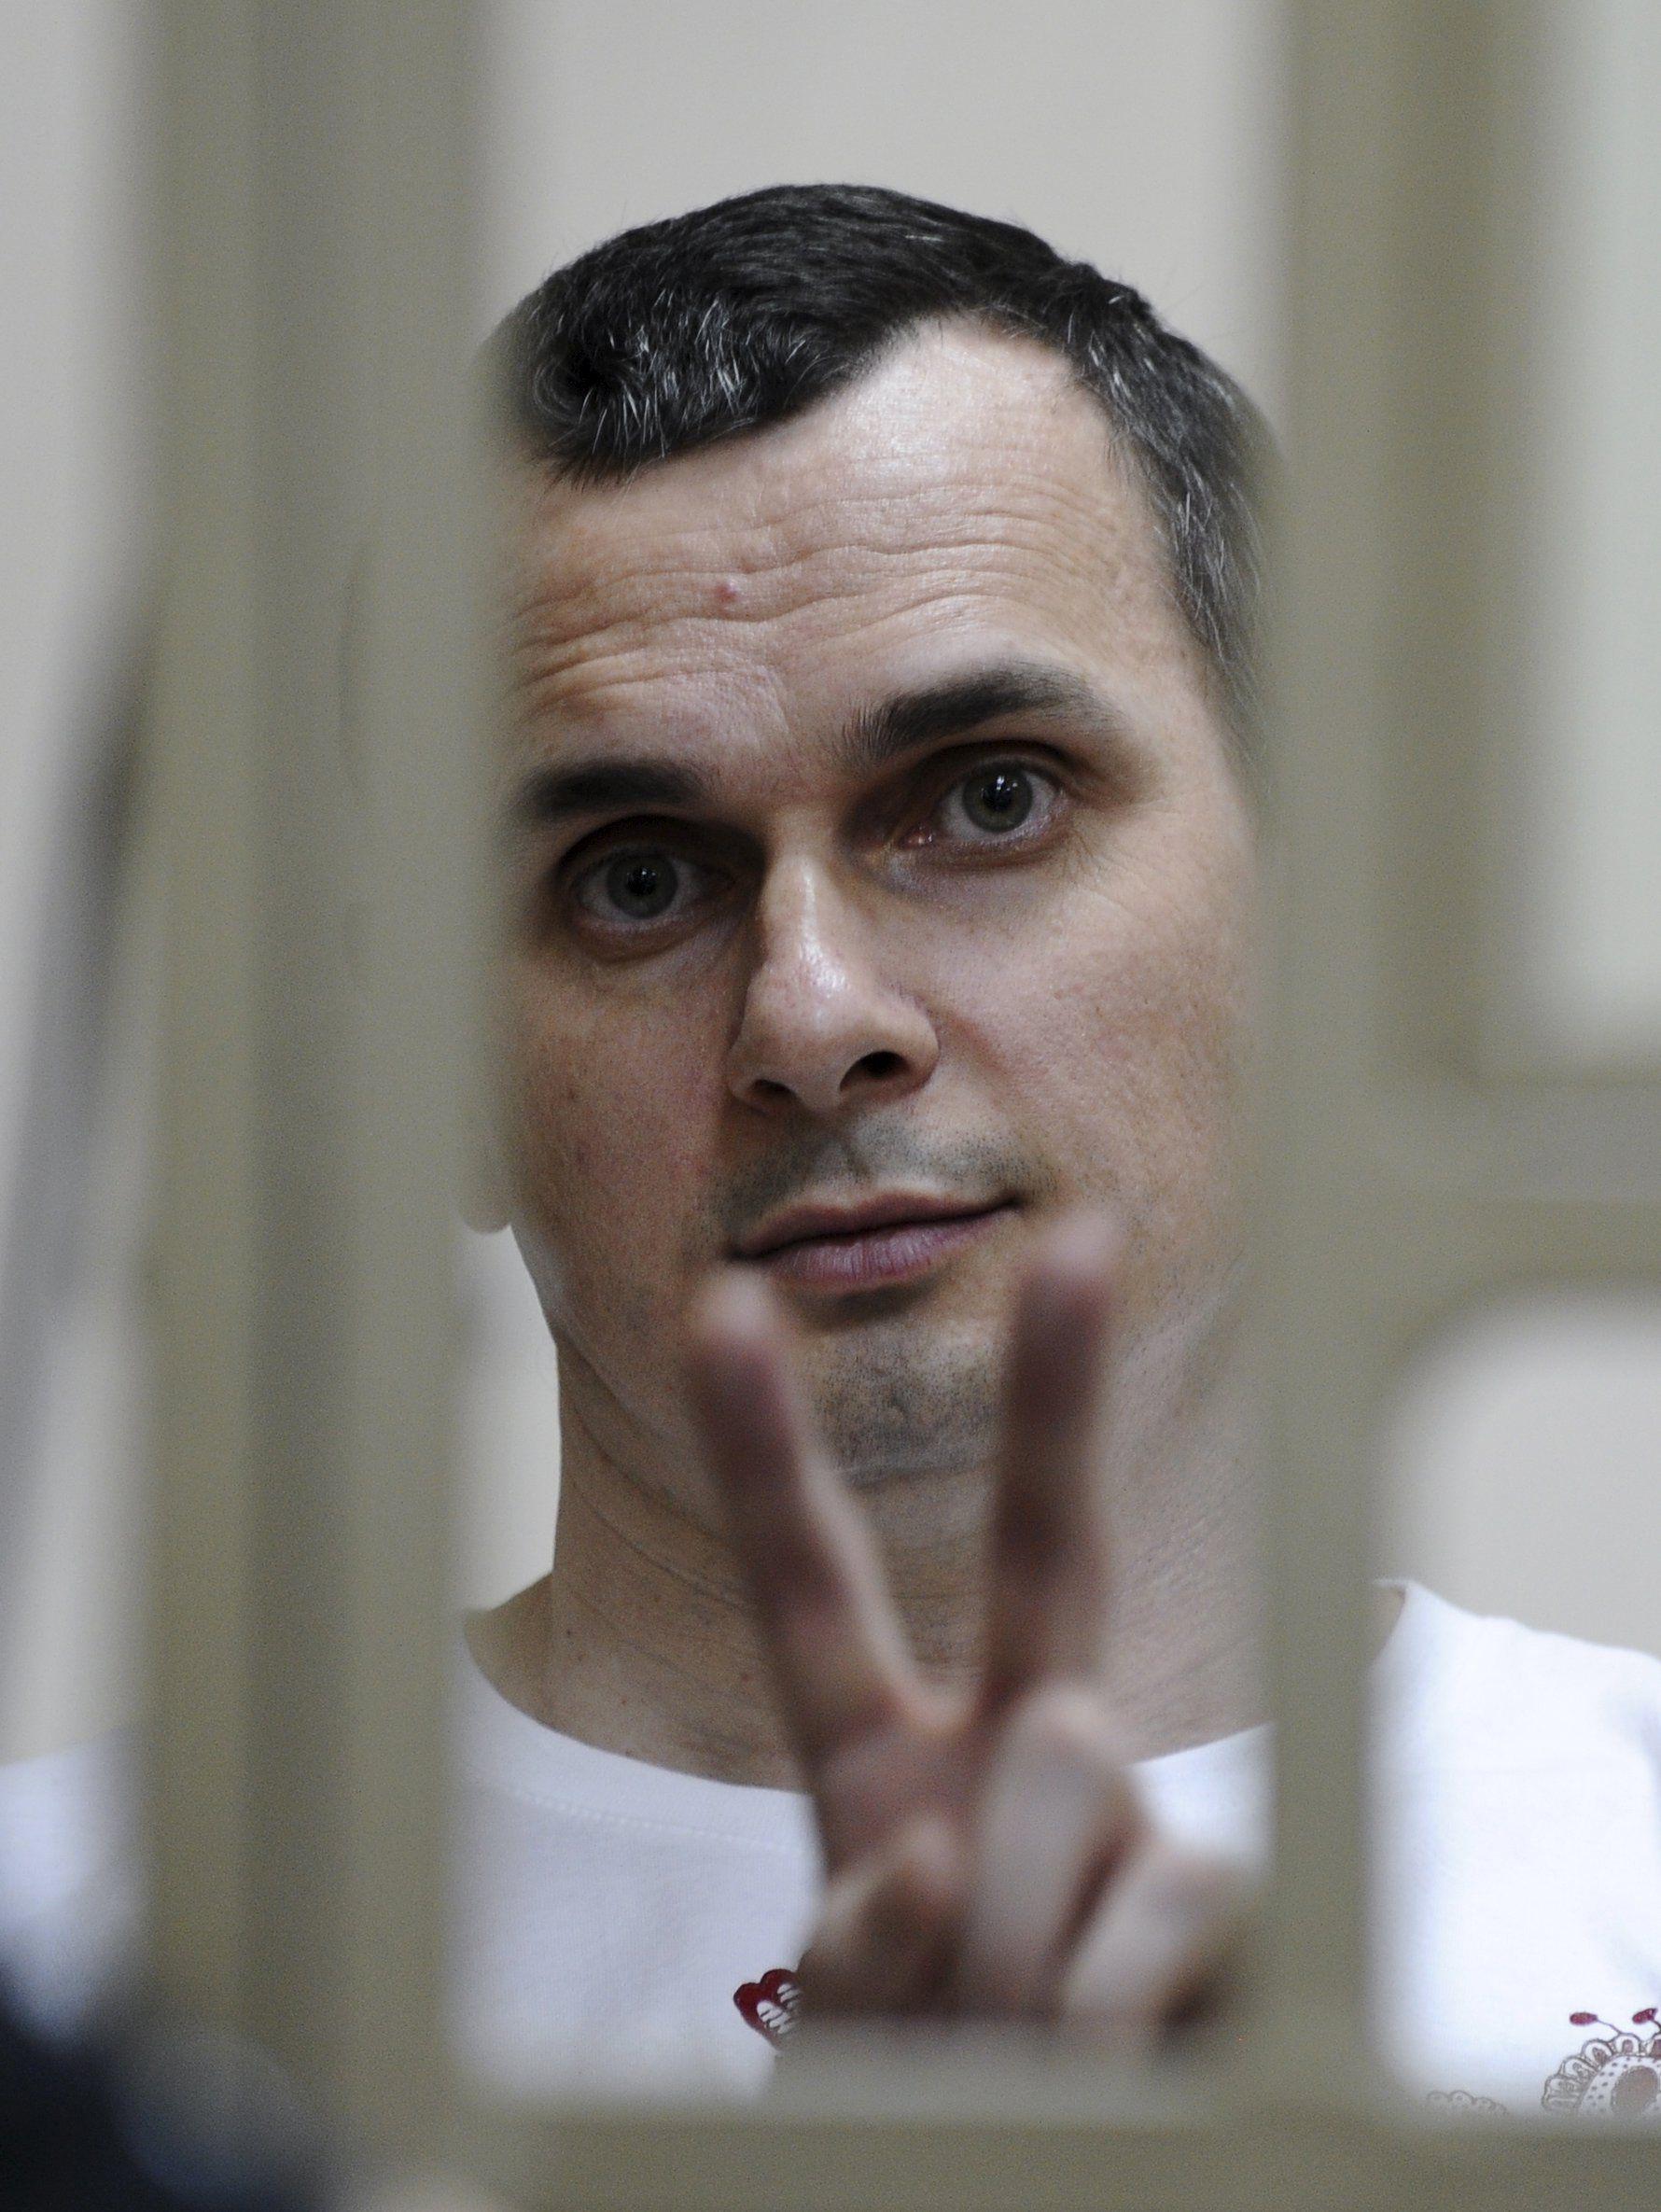 Курт Волкер полагает, что в РФ Олега Сенцова лишили свободы, чтобы нейтрализовать как политического противника